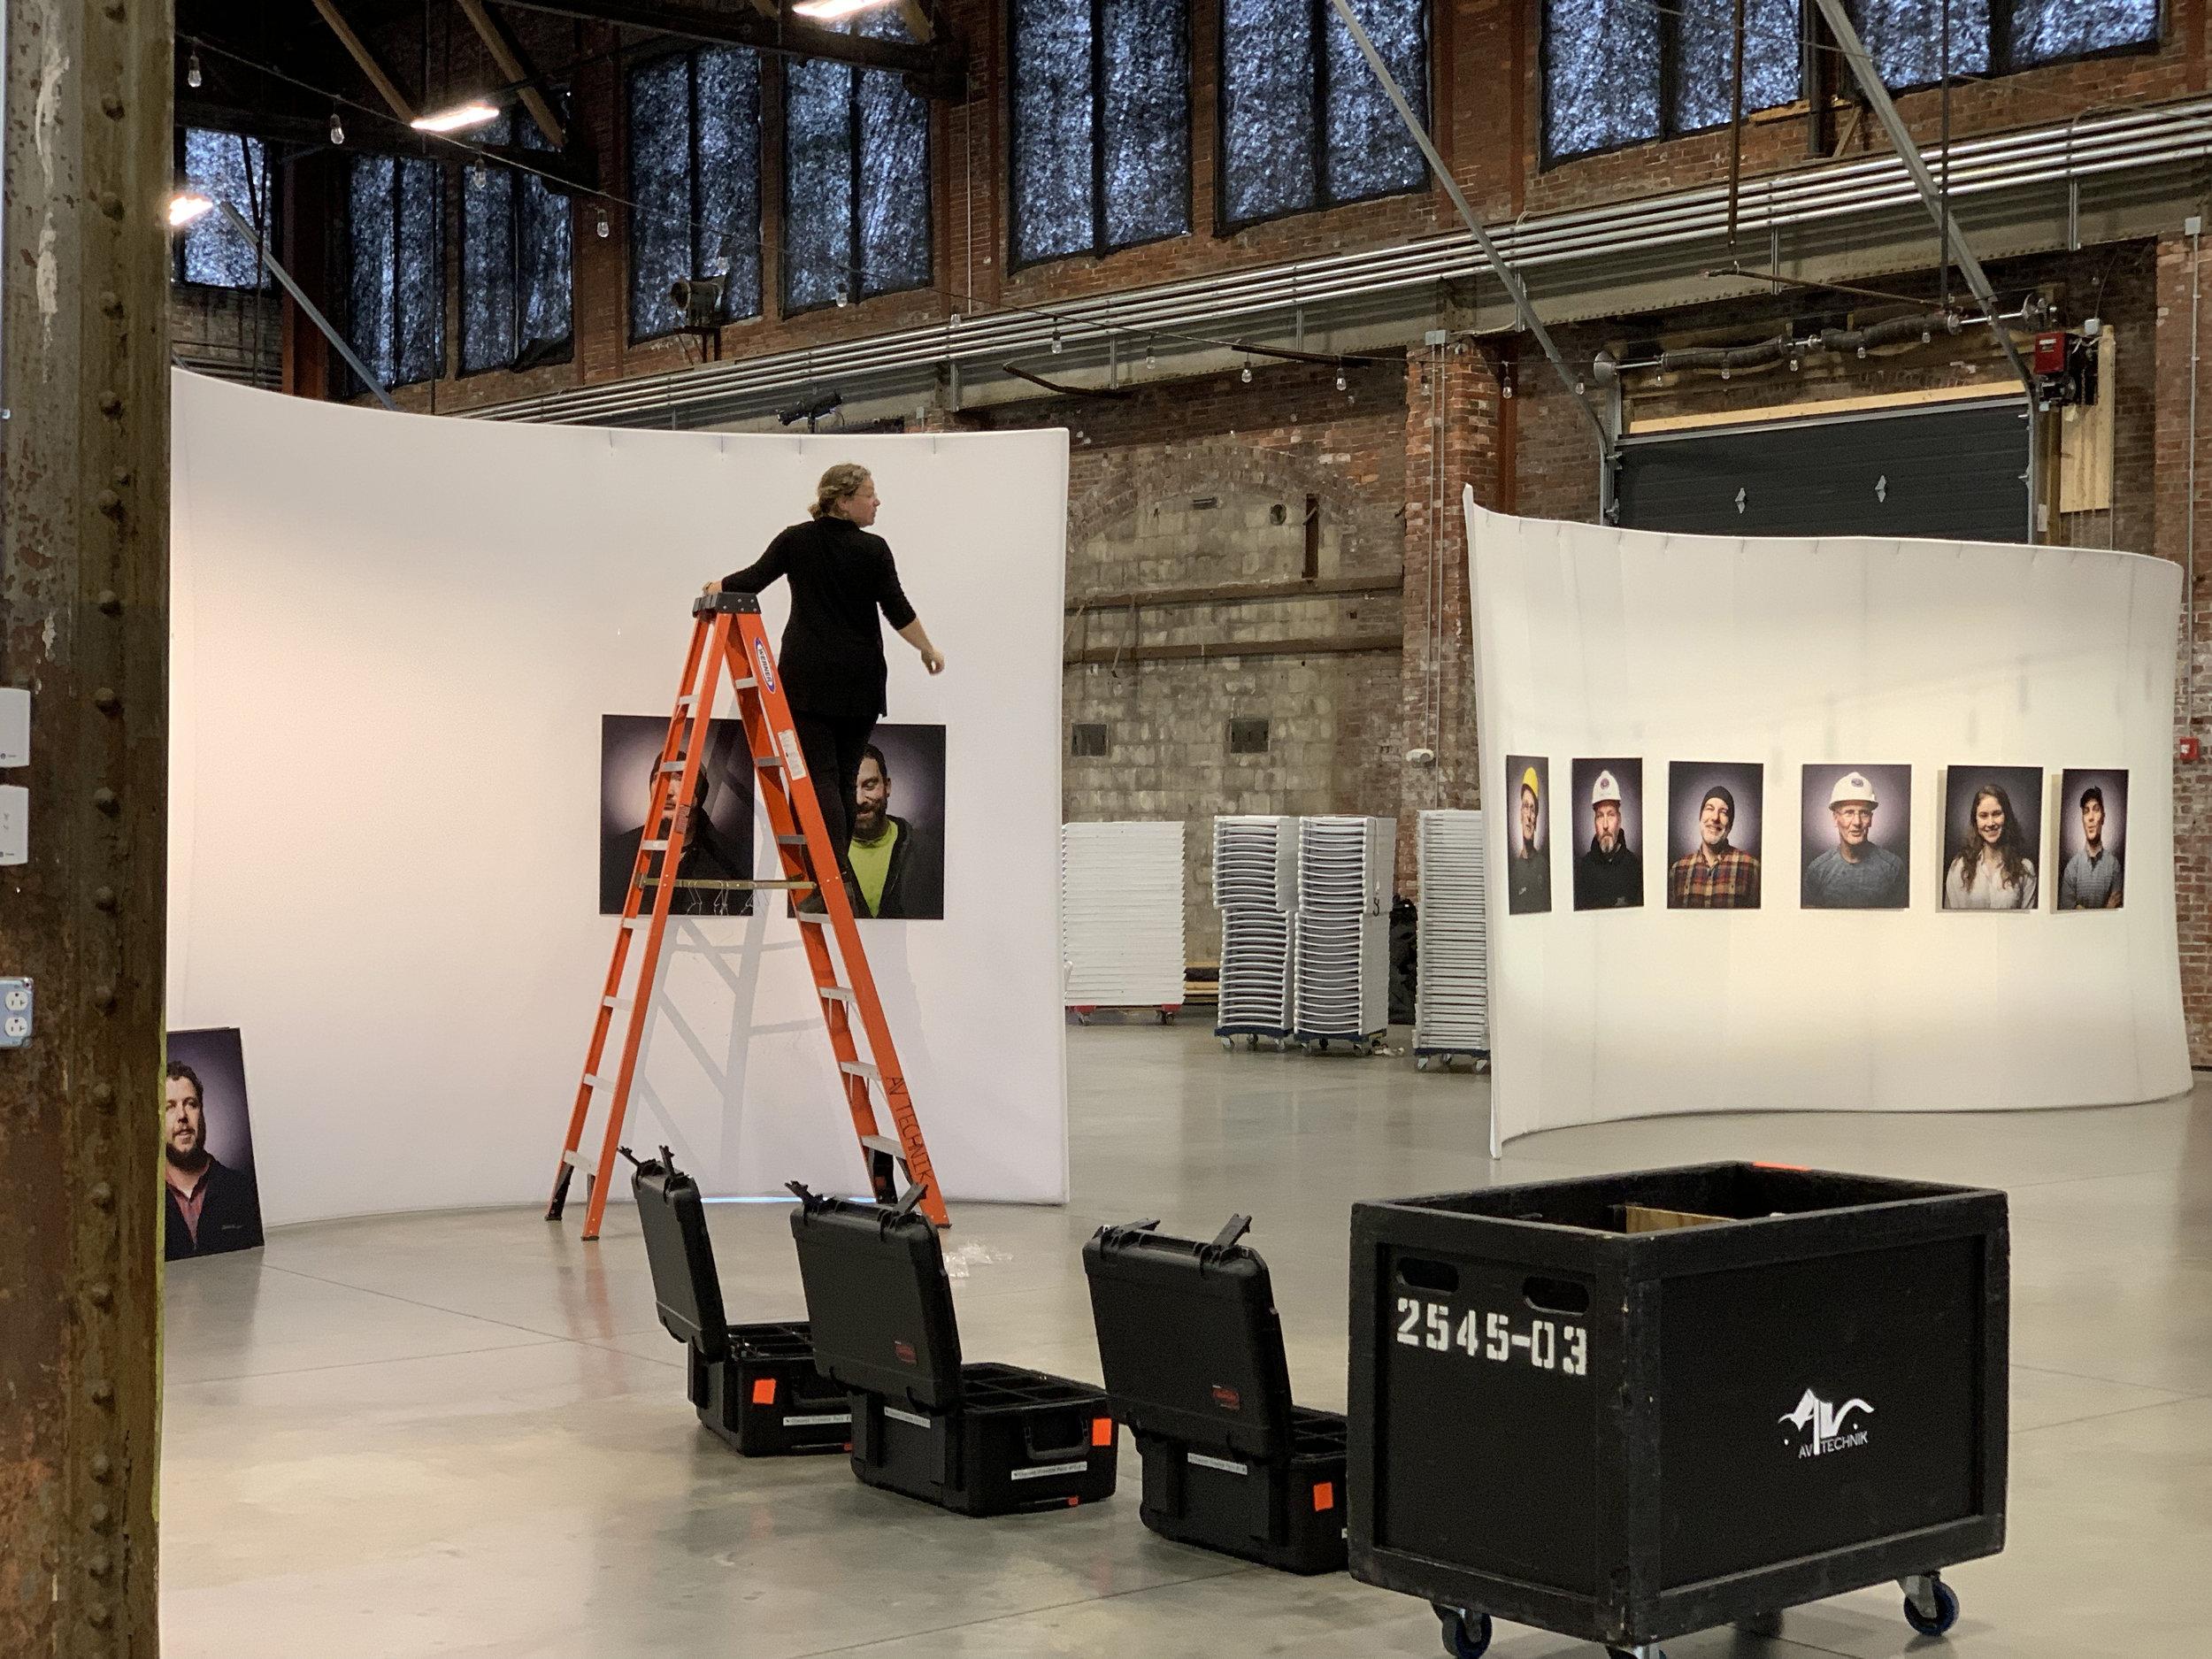 - zachau anniversary installation